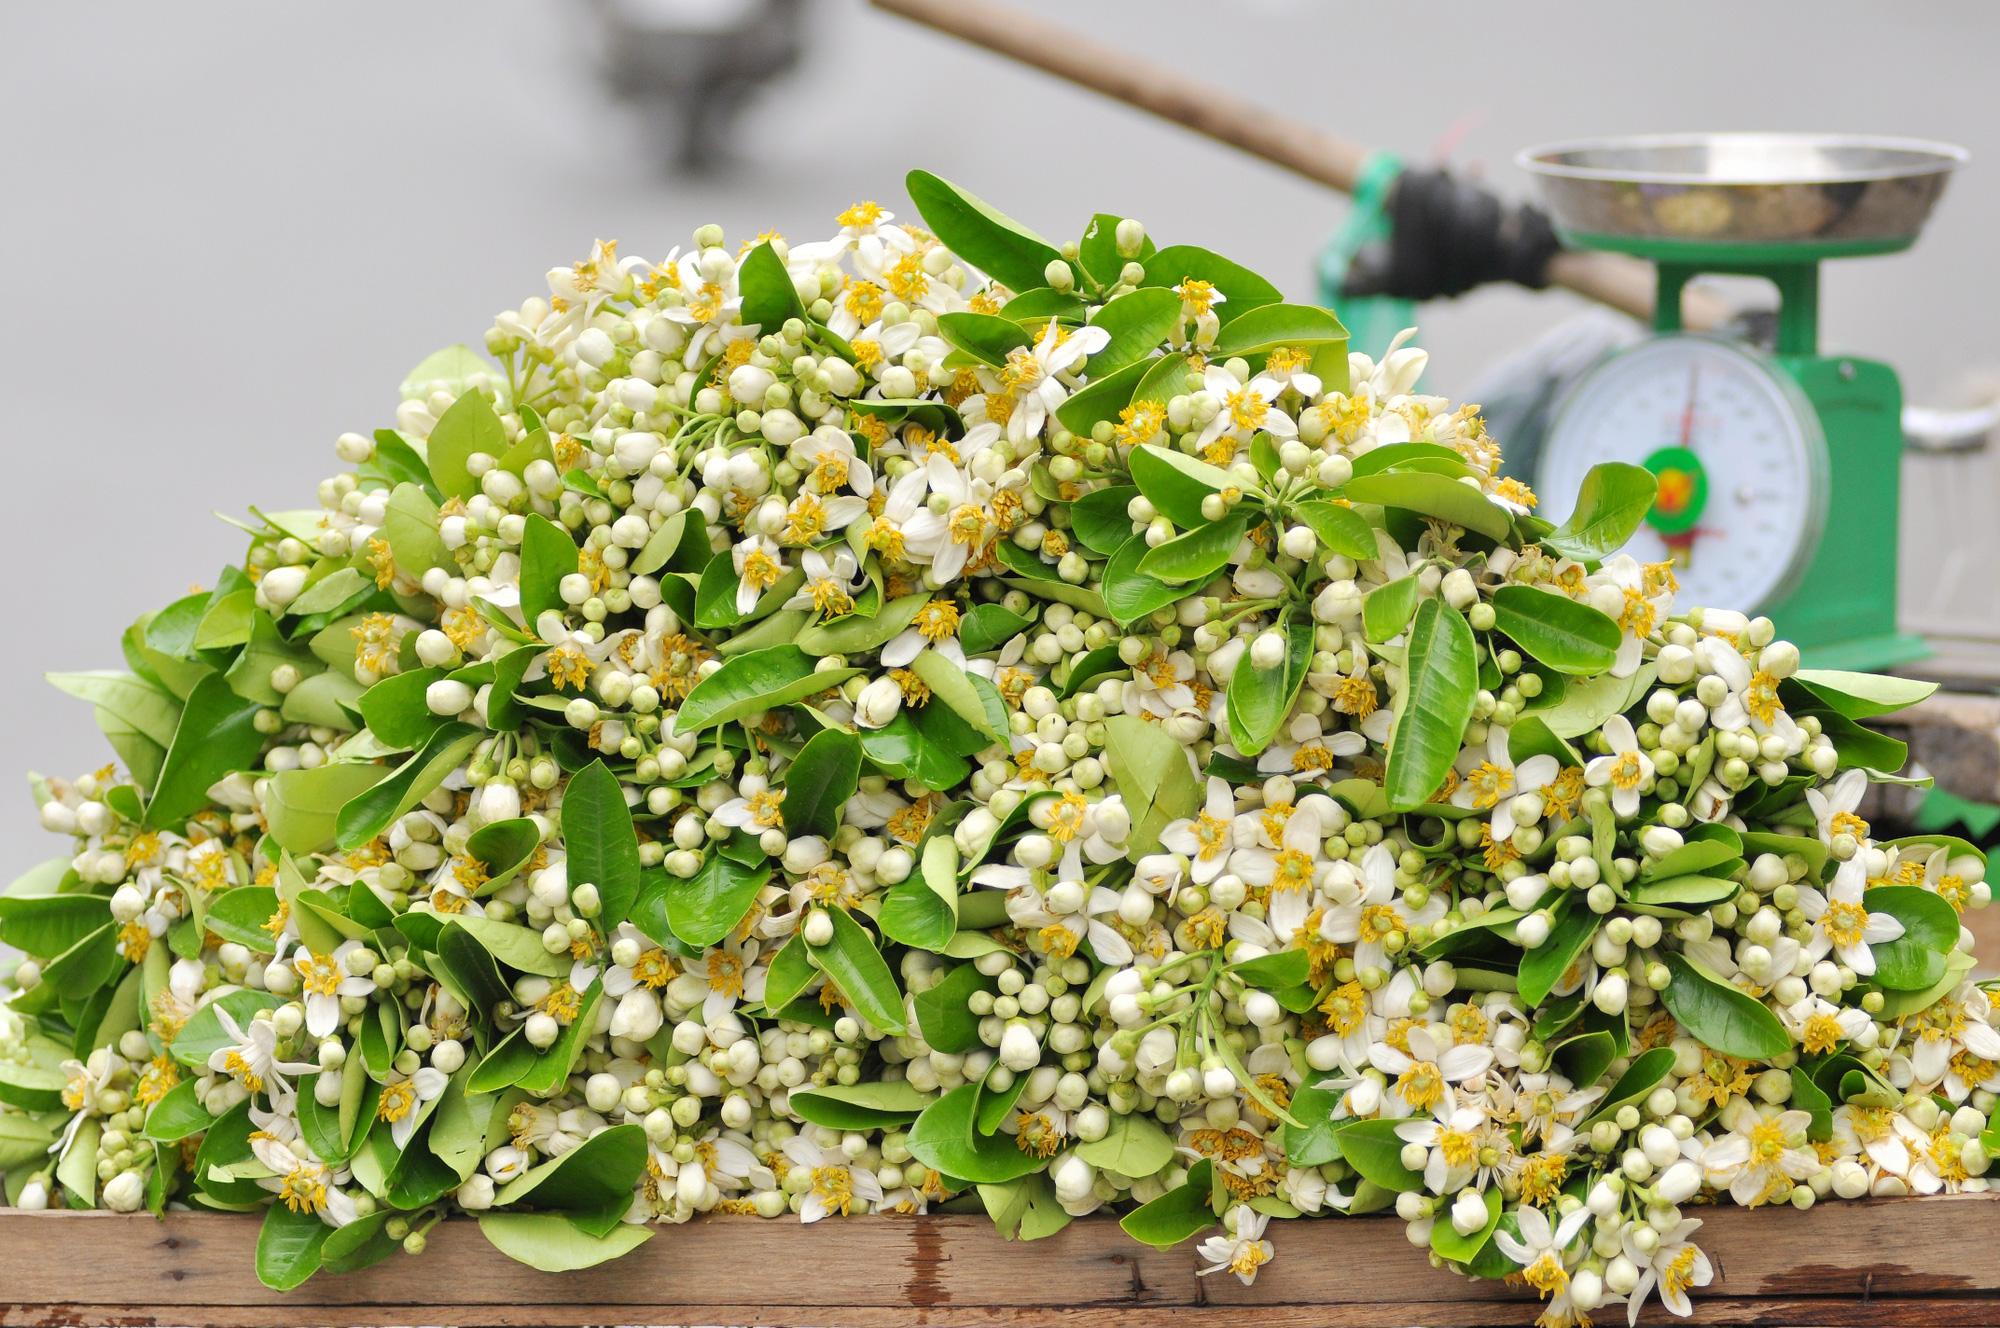 Đầu mùa gánh hoa bưởi xuống phố, giá hơn 300.000 đồng/kg vẫn đắt khách - Ảnh 3.